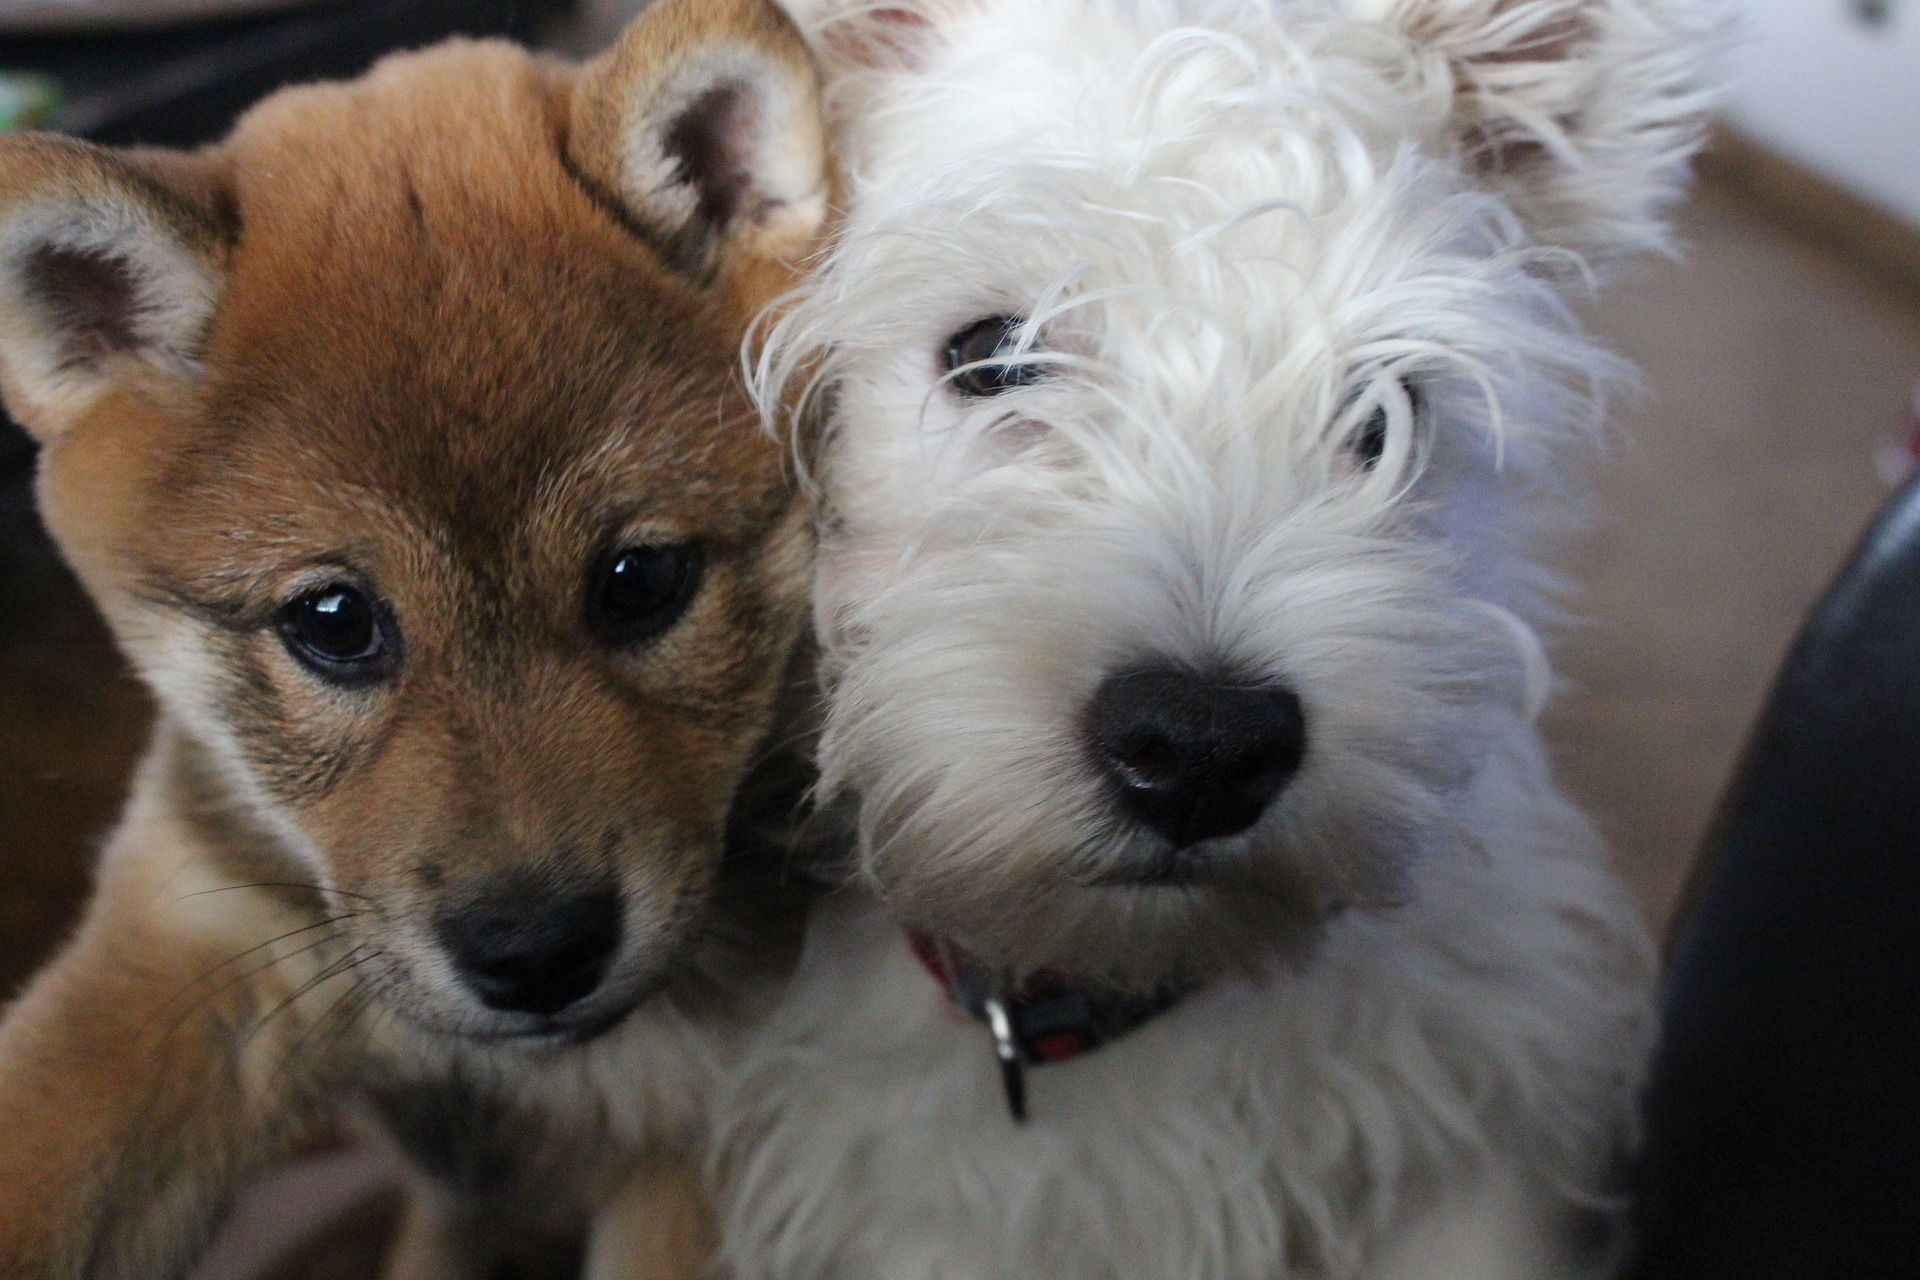 ペット保険の待機期間について徹底解説!即日補償は受けられないってホント?